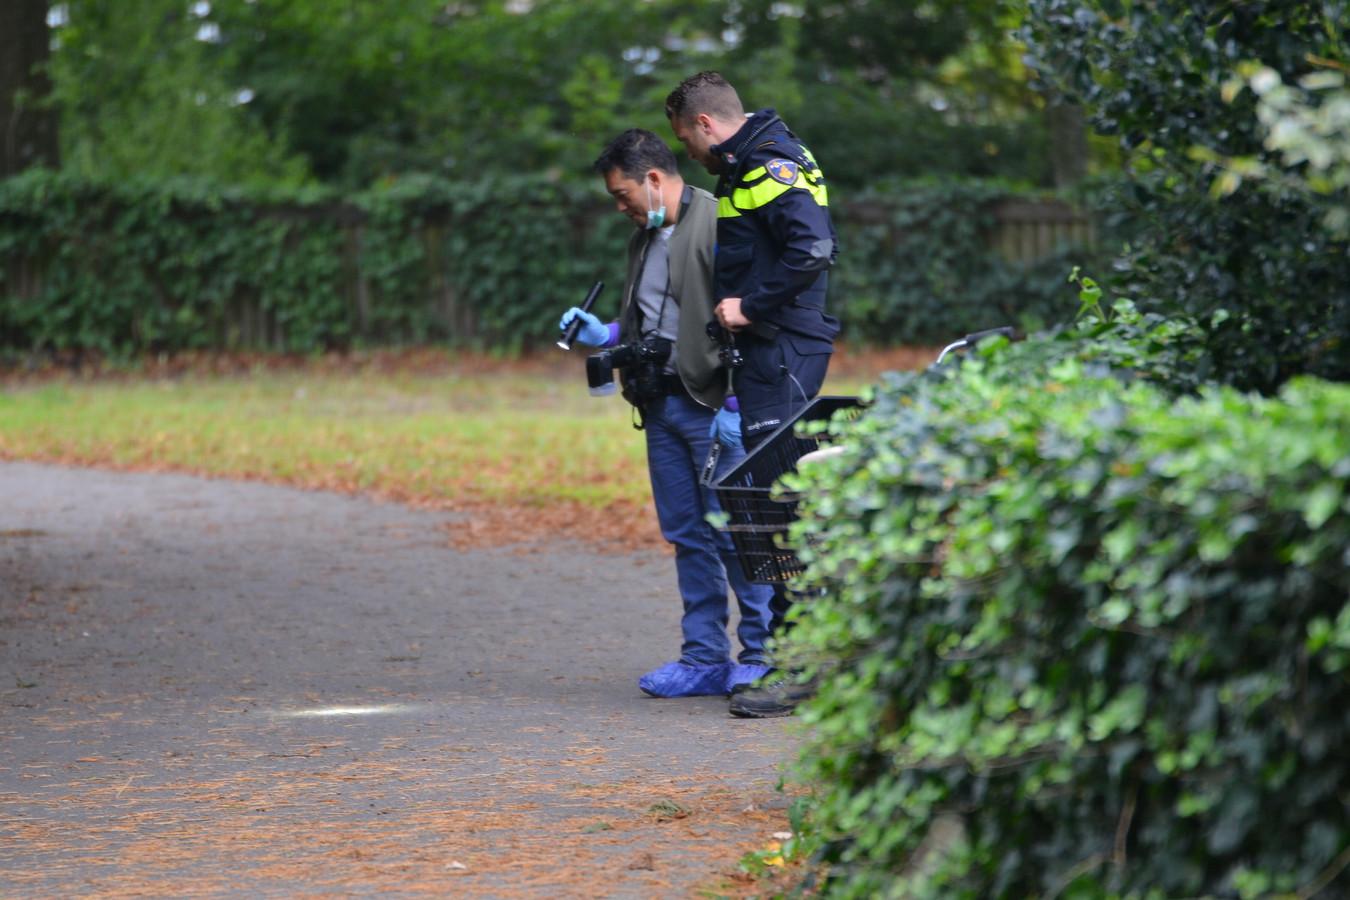 Sporenonderzoek na de verkrachting in het Van Sonsbeeckpark in Breda, op 7 september 2017.